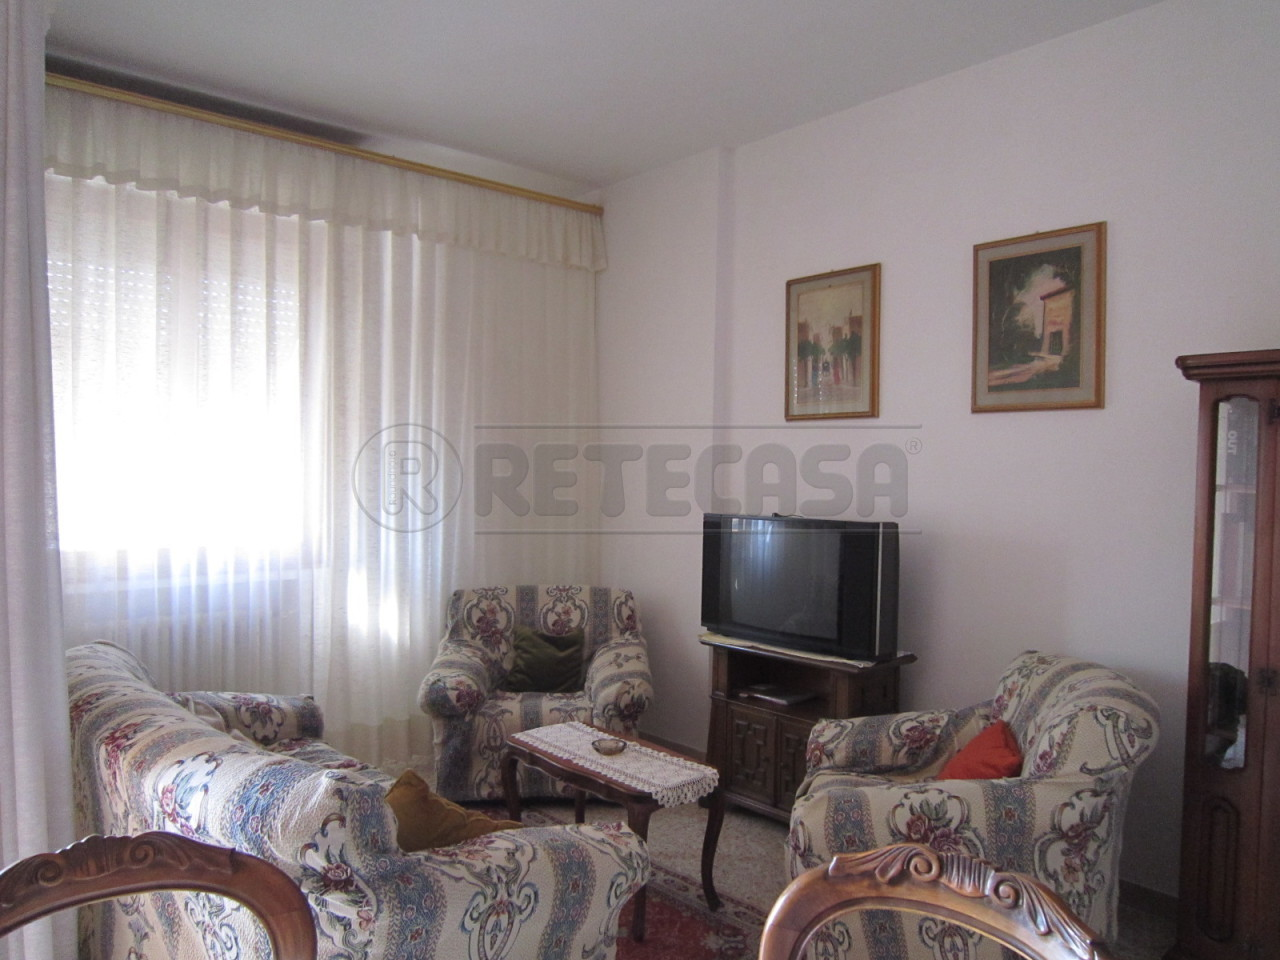 Appartamento in affitto a Siena, 4 locali, prezzo € 750 | Cambio Casa.it